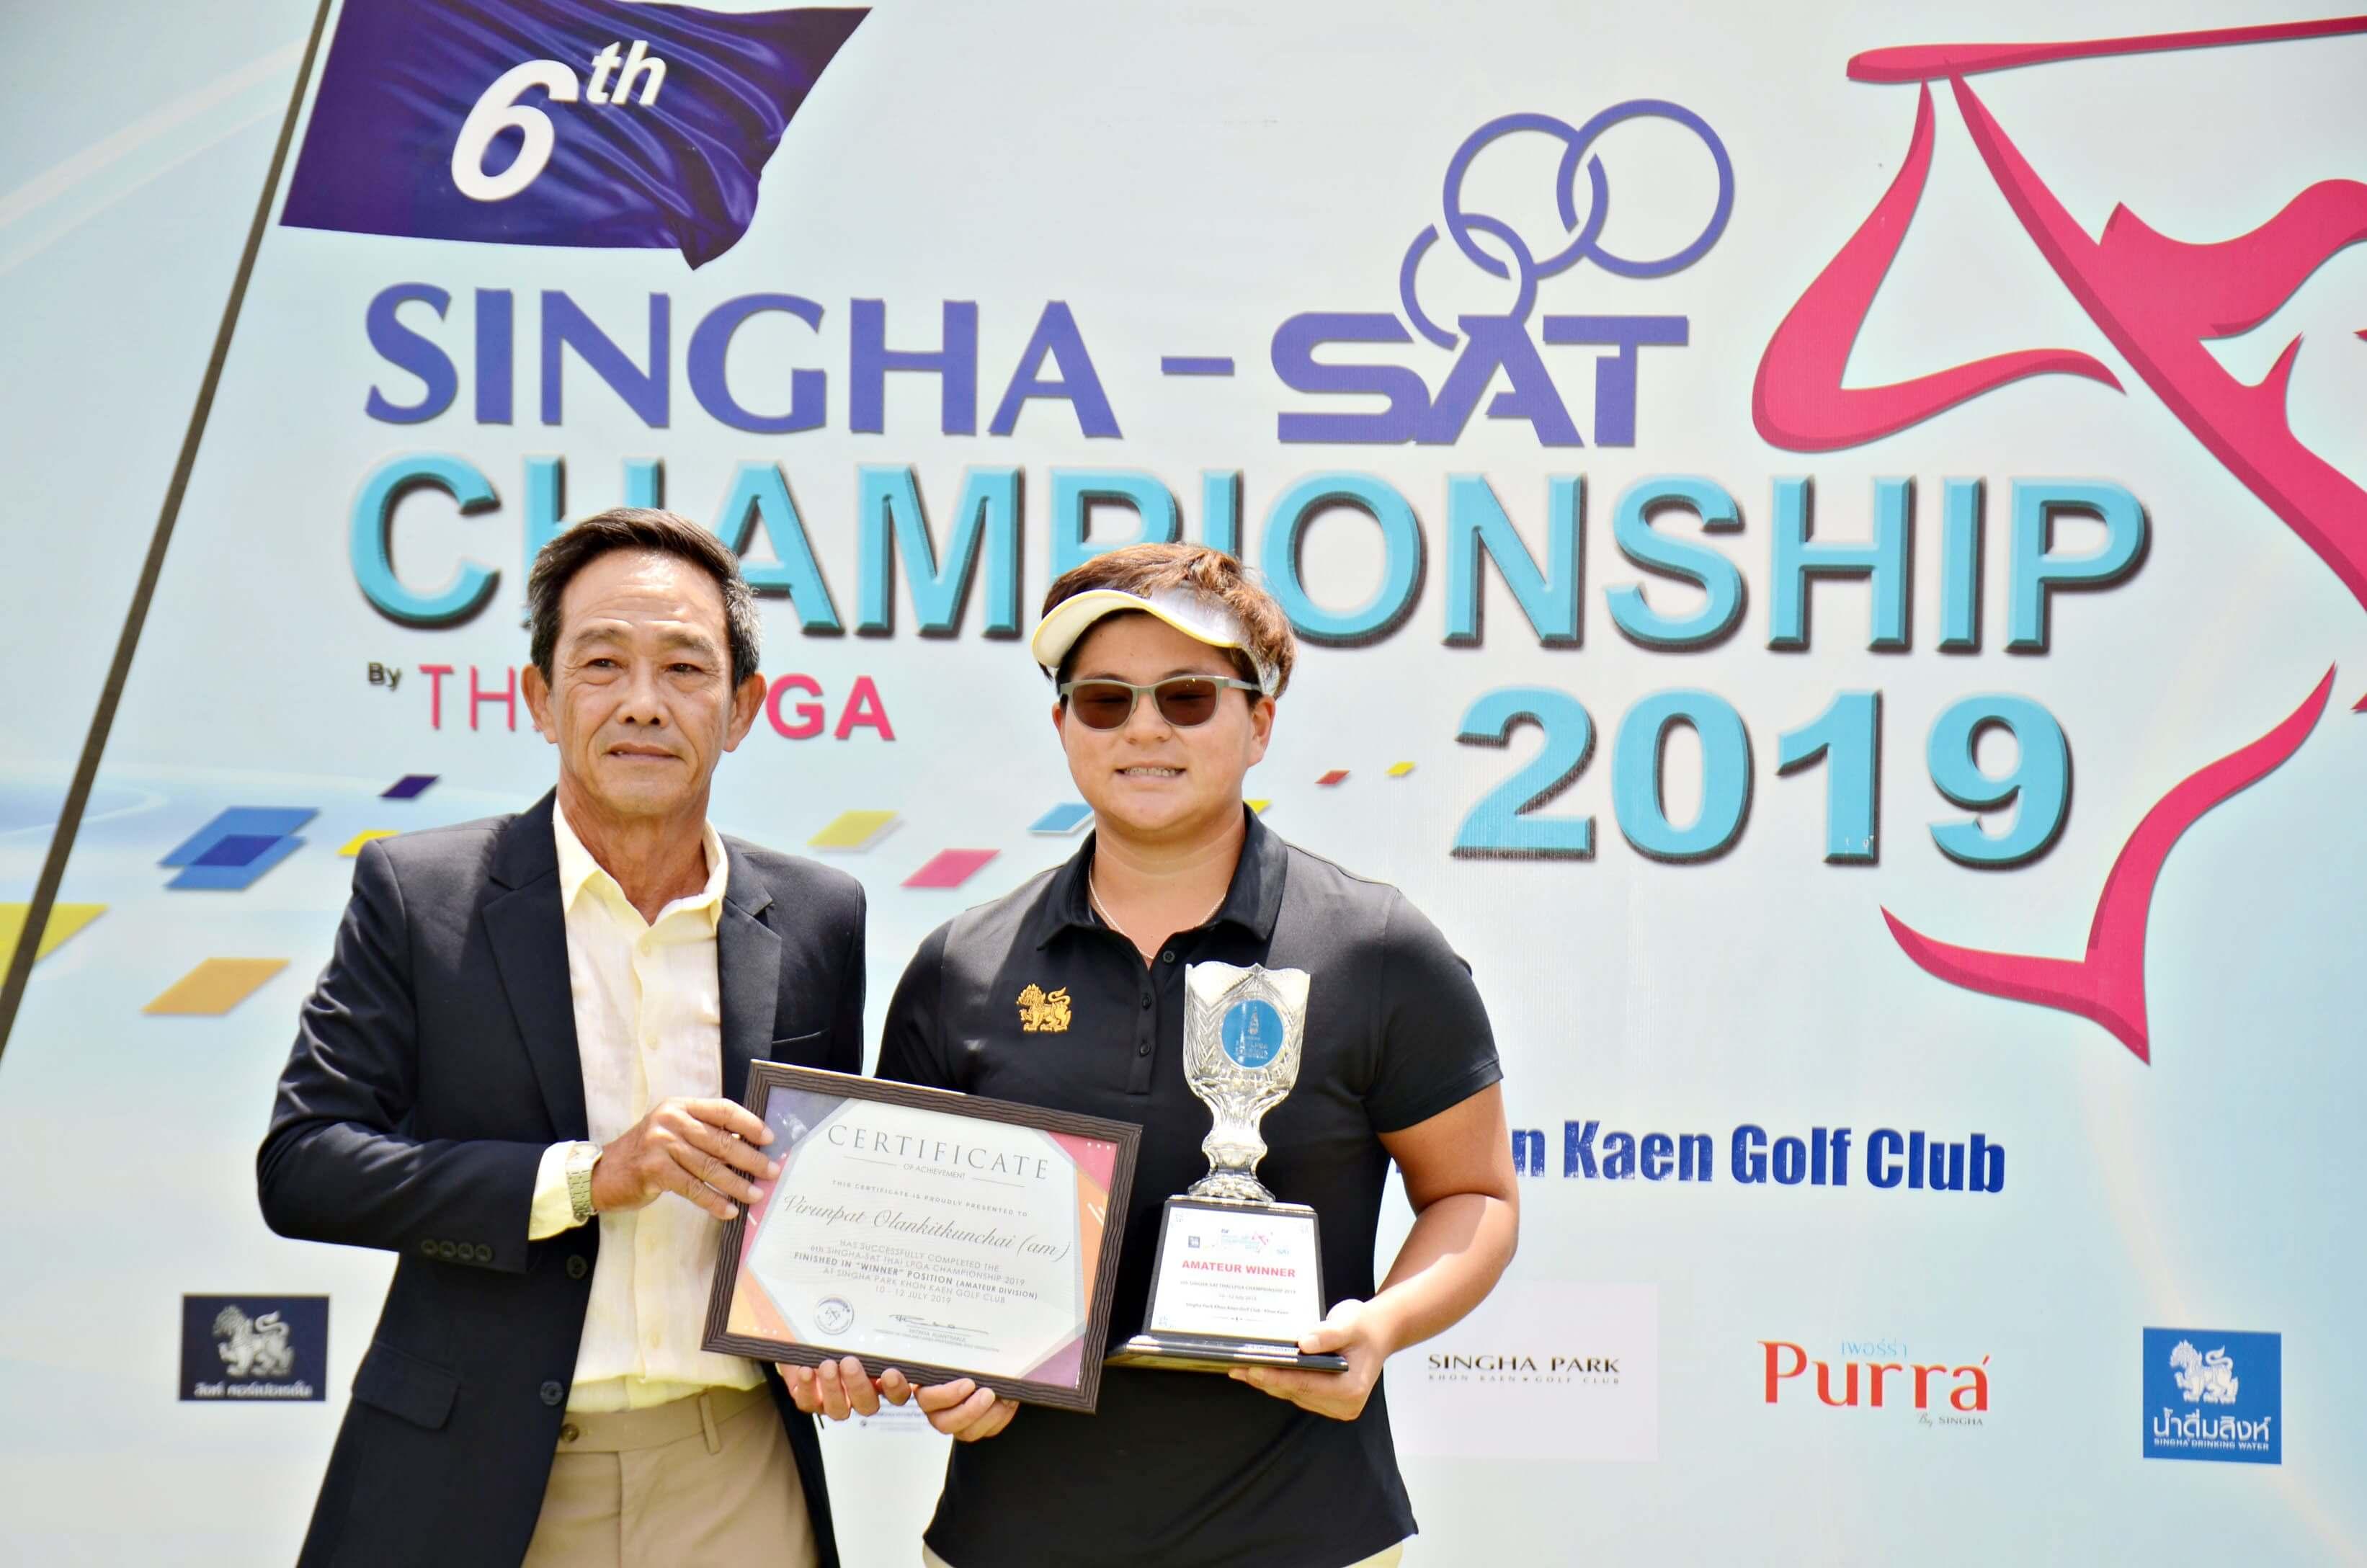 คุณภาณุ อนามบุตร ผู้จัดการทั่วไปสนามสิงห์ปาร์คขอนแก่นกอล์ฟคลับ มอบรางวัลชนะเลิศประเภทสมัครเล่นให้แก่ วิรัลพัชร โอฬารกิจกุลชัย